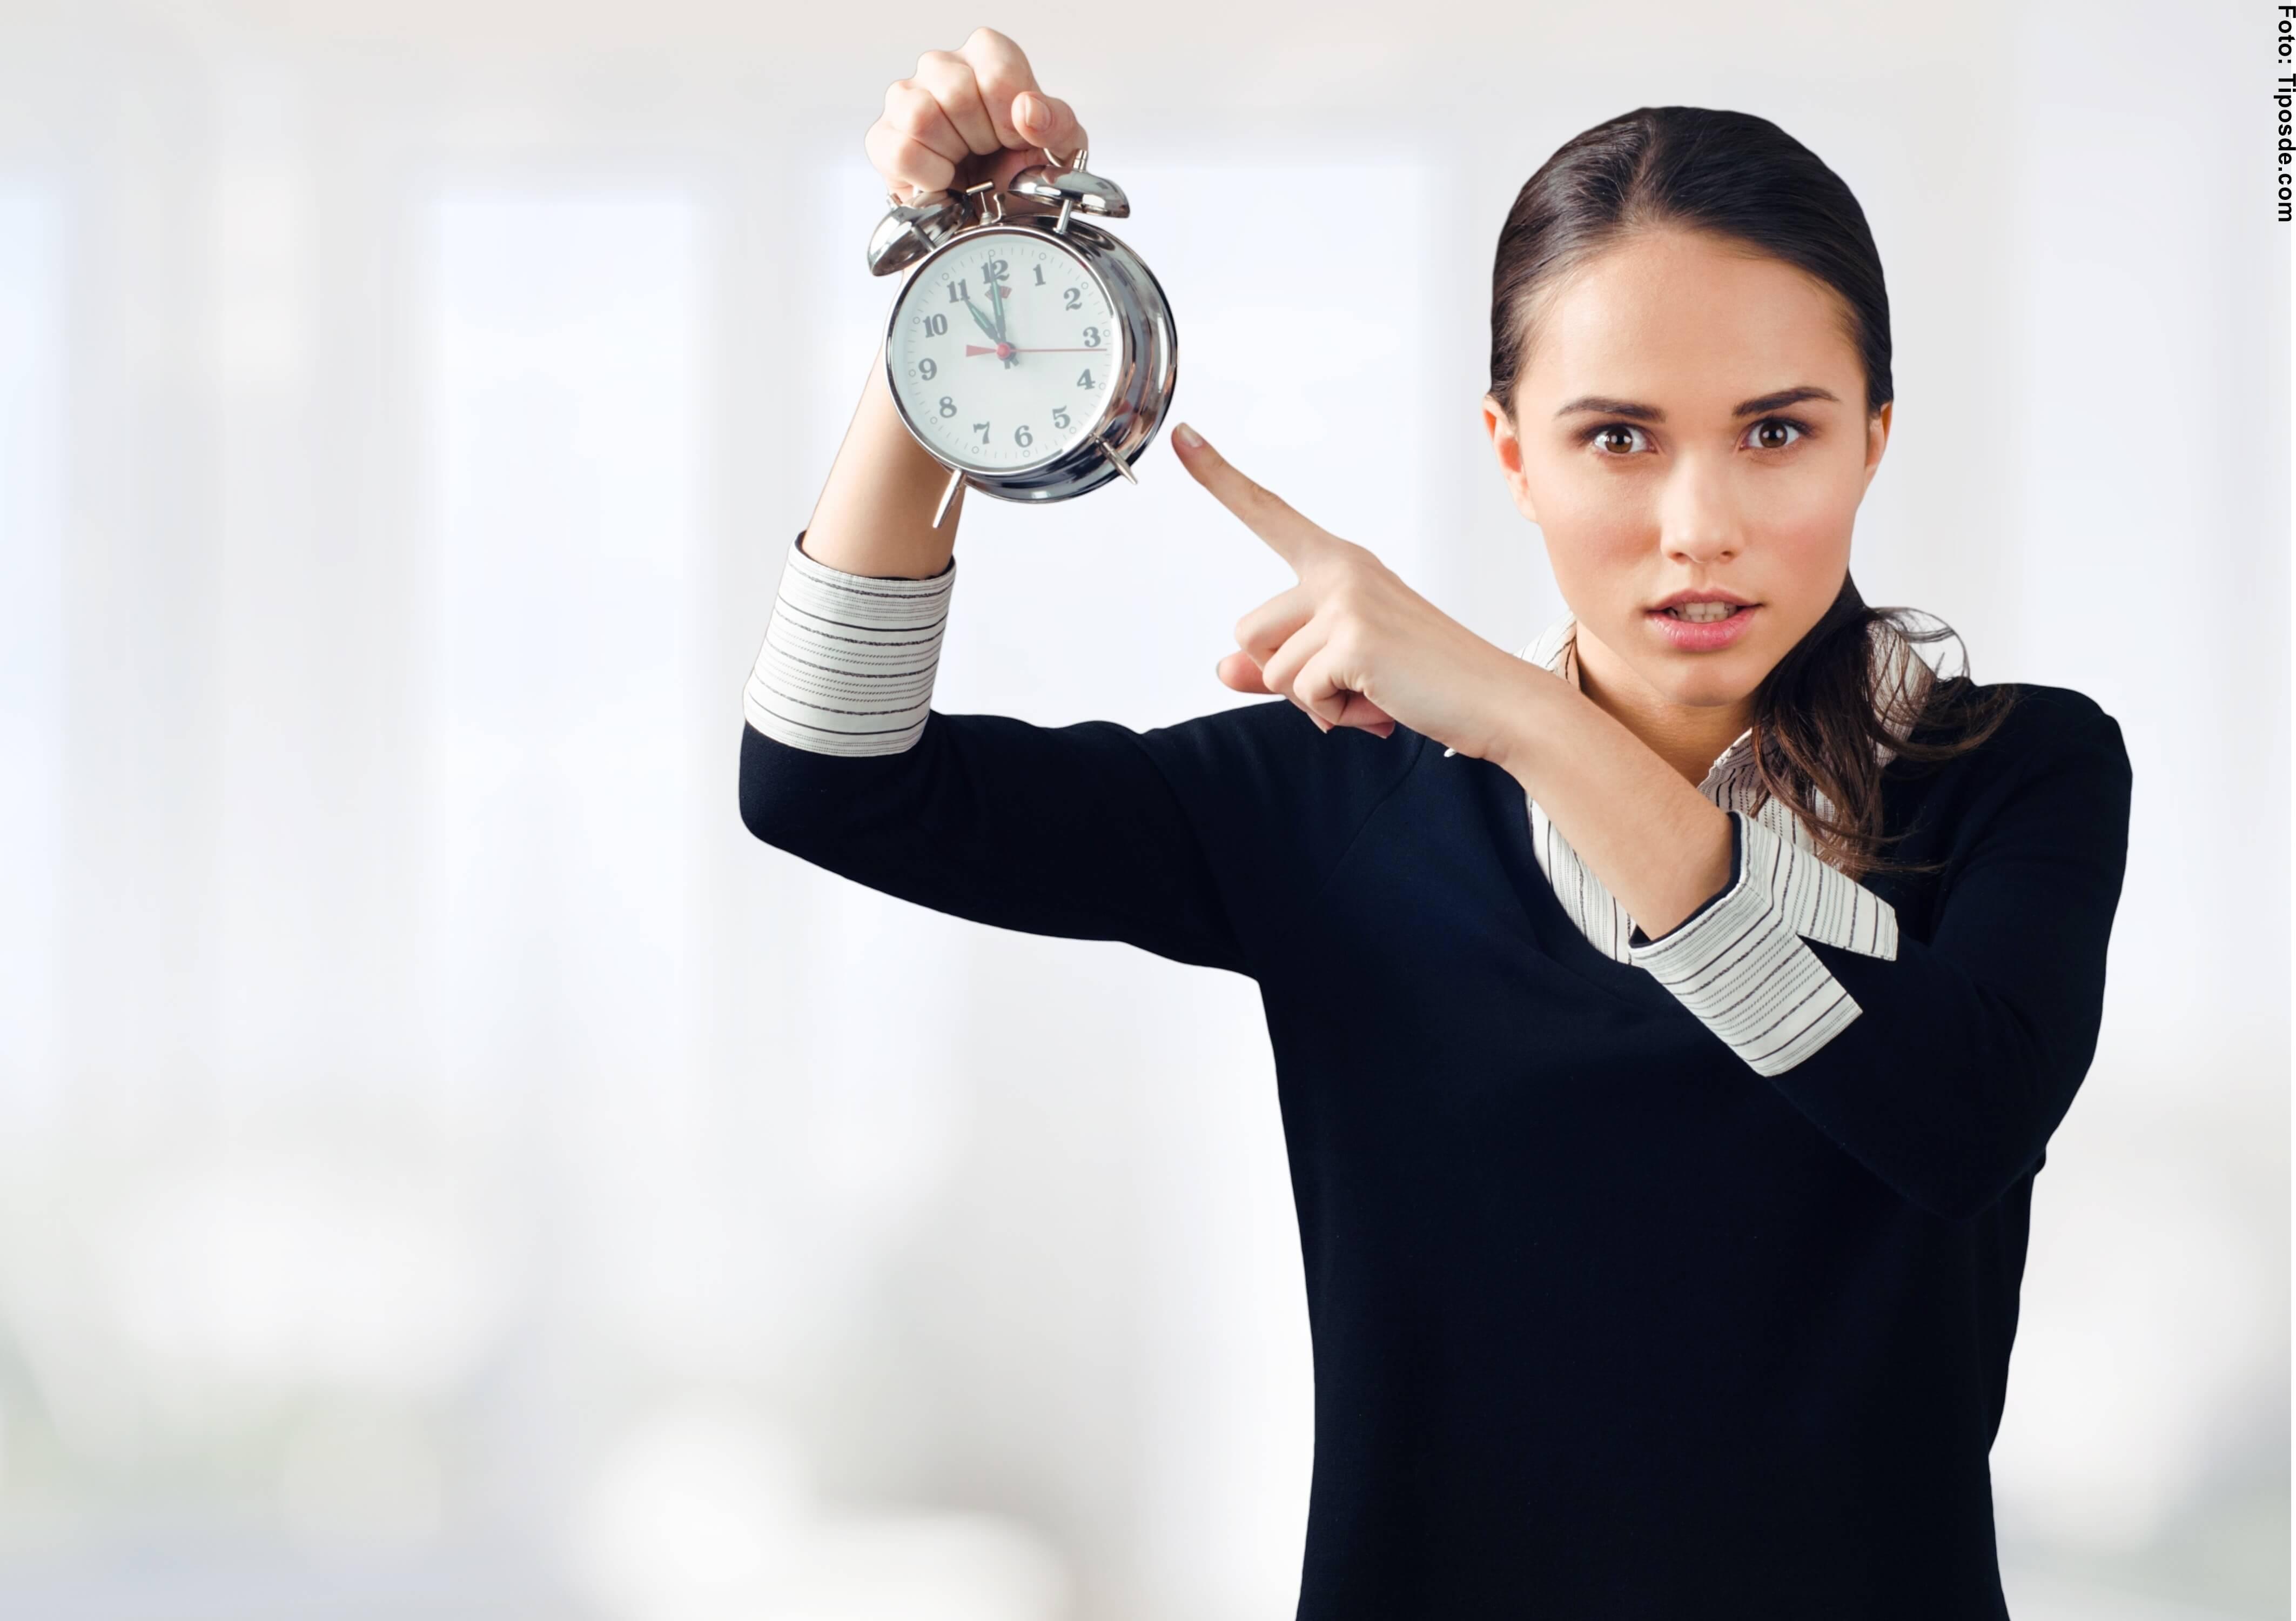 los Clientes impacientes y el tiempo